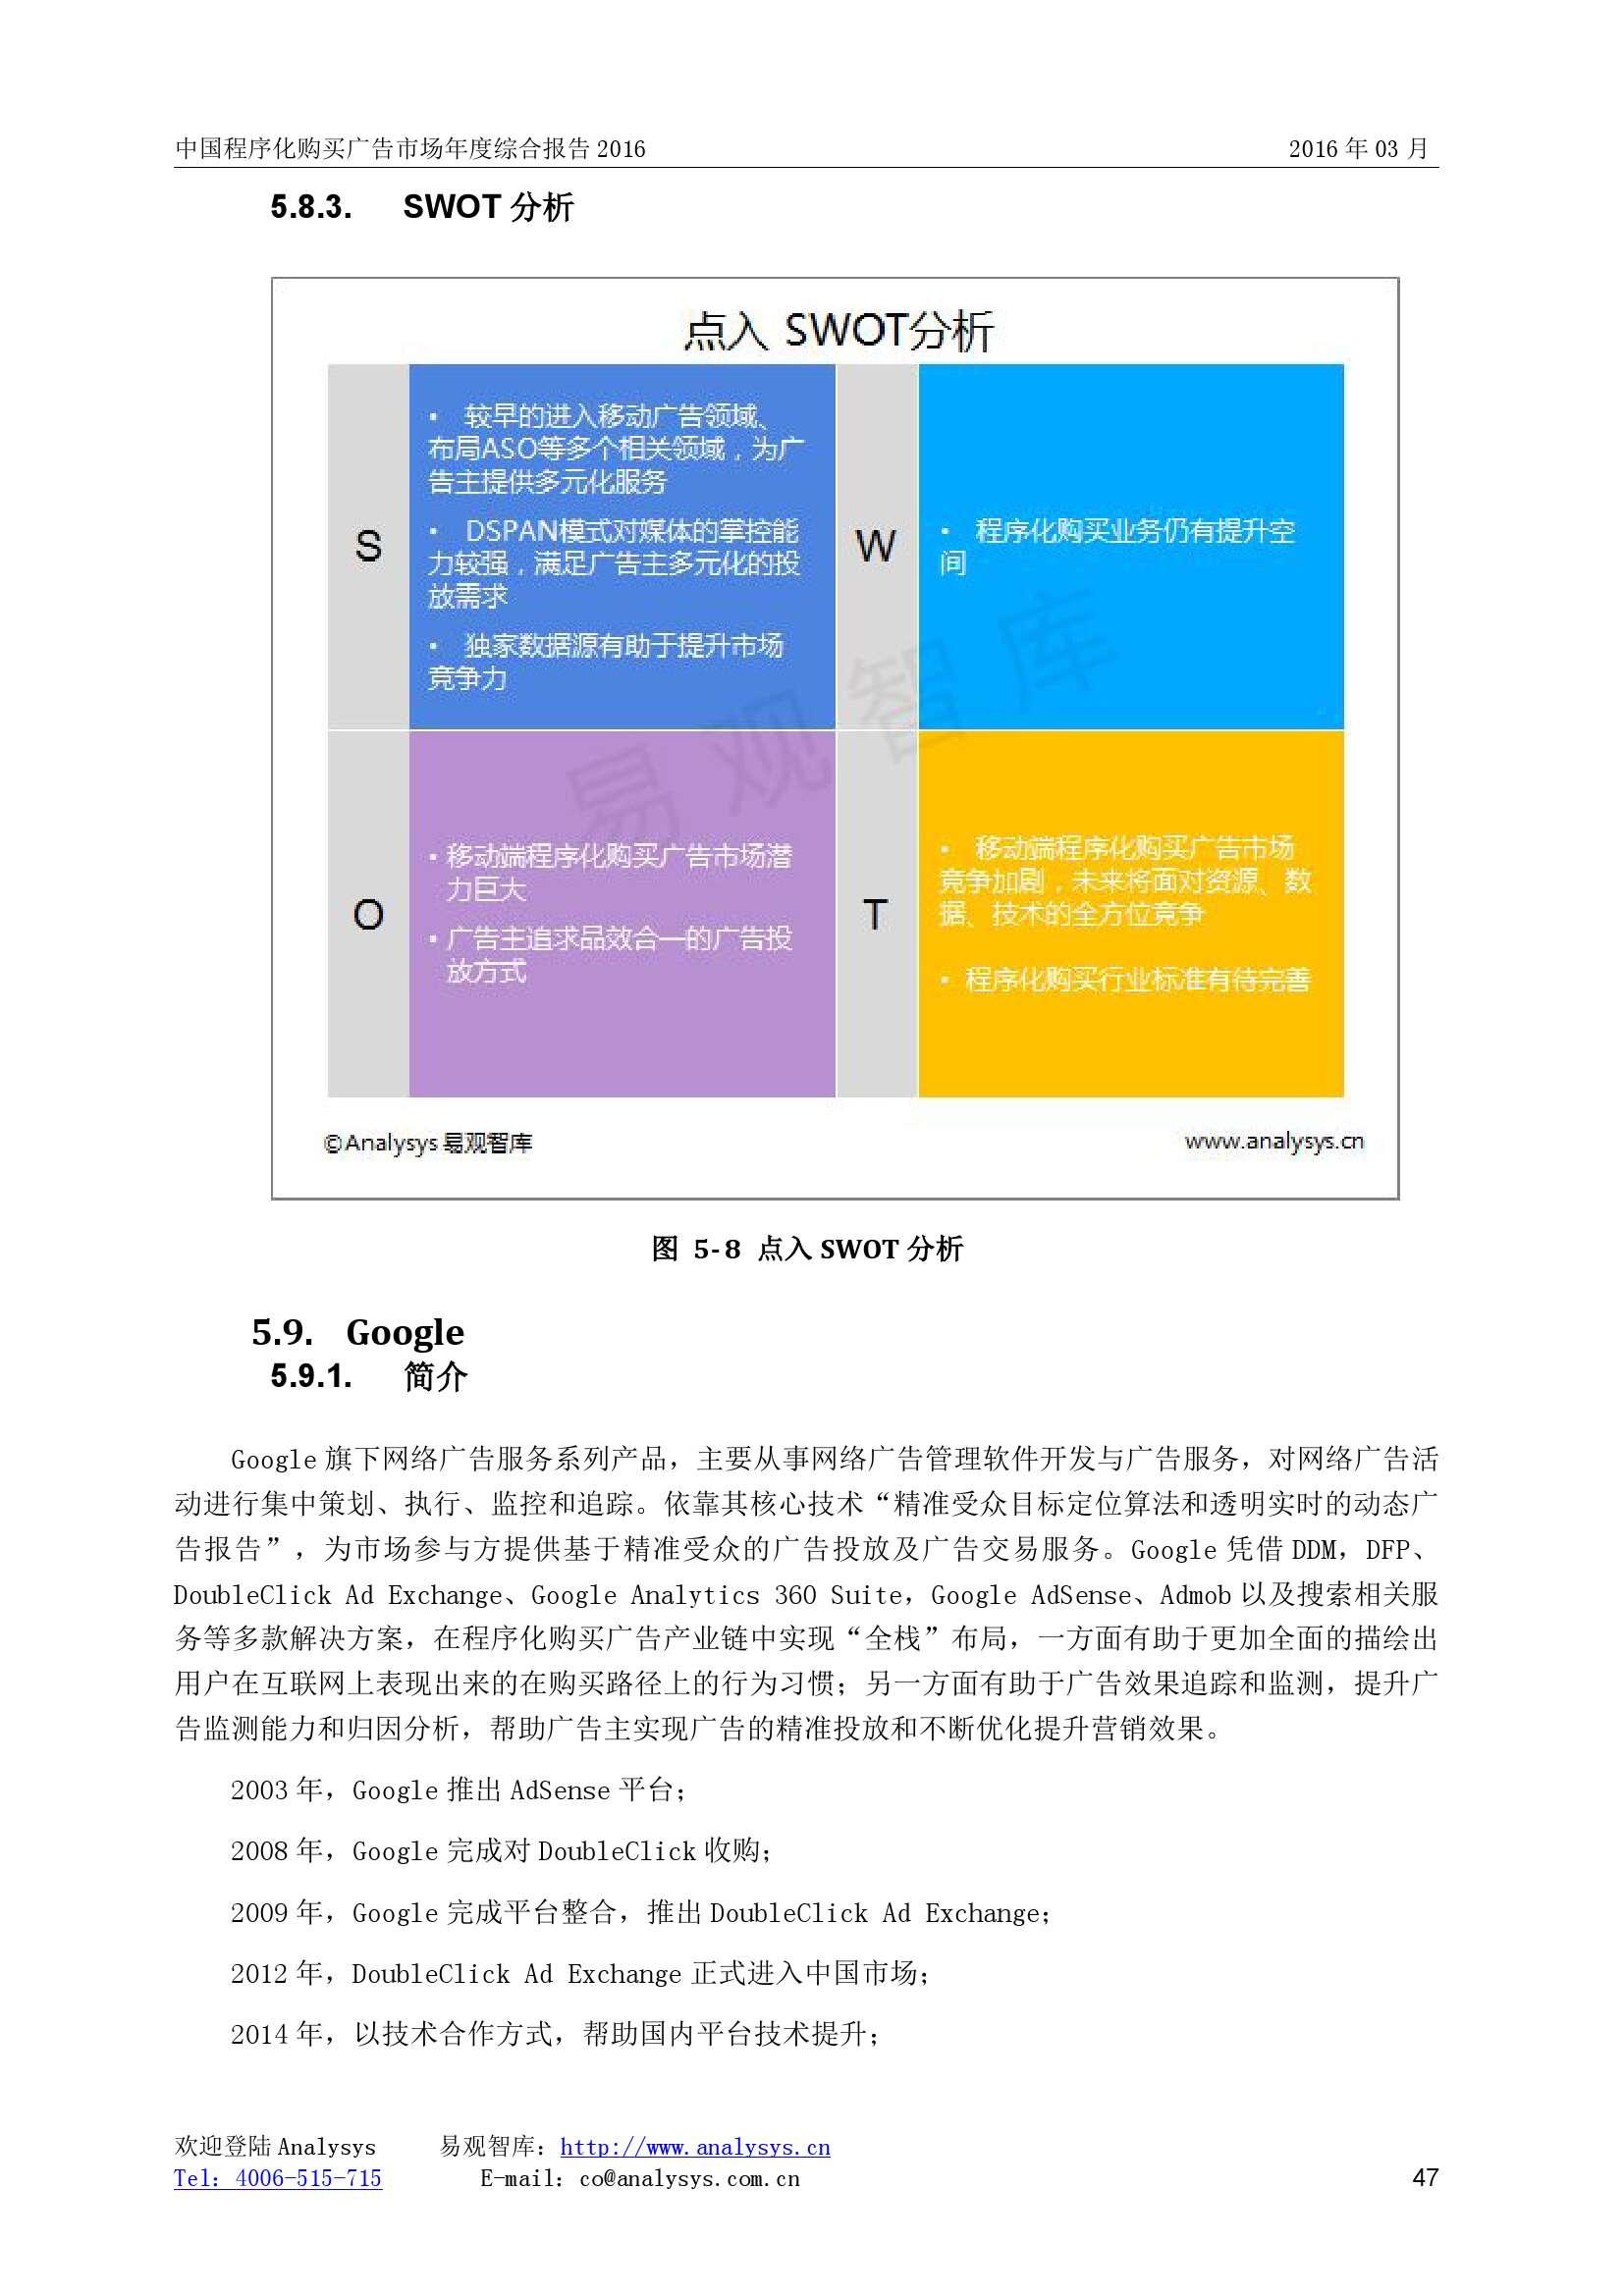 中国程序化购买广告市场年度综合报告2016_000047